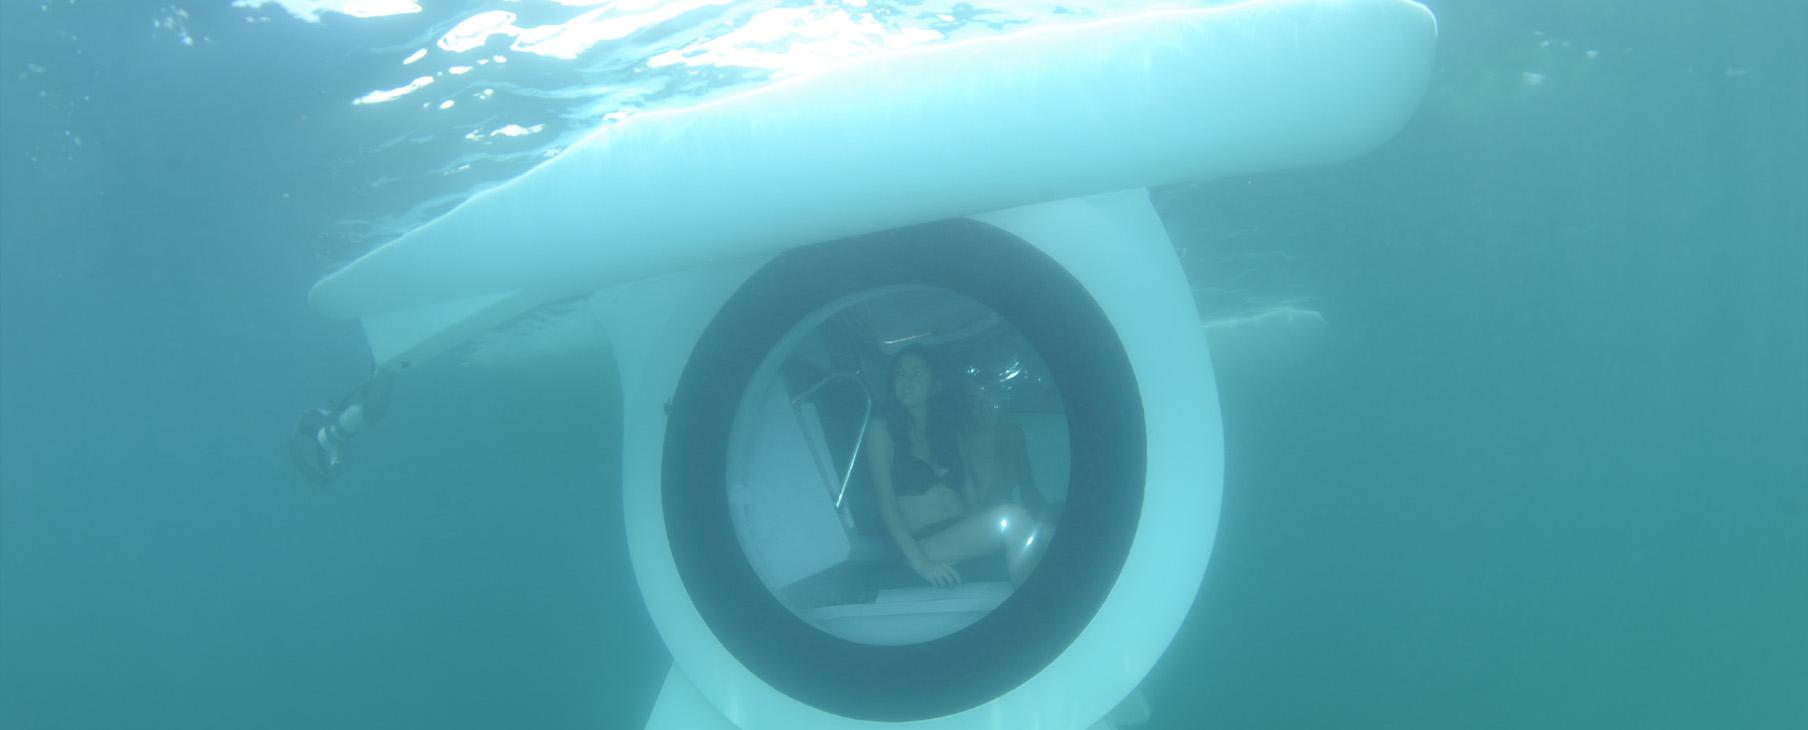 É possível ver sob a água (Foto: Divulgação)